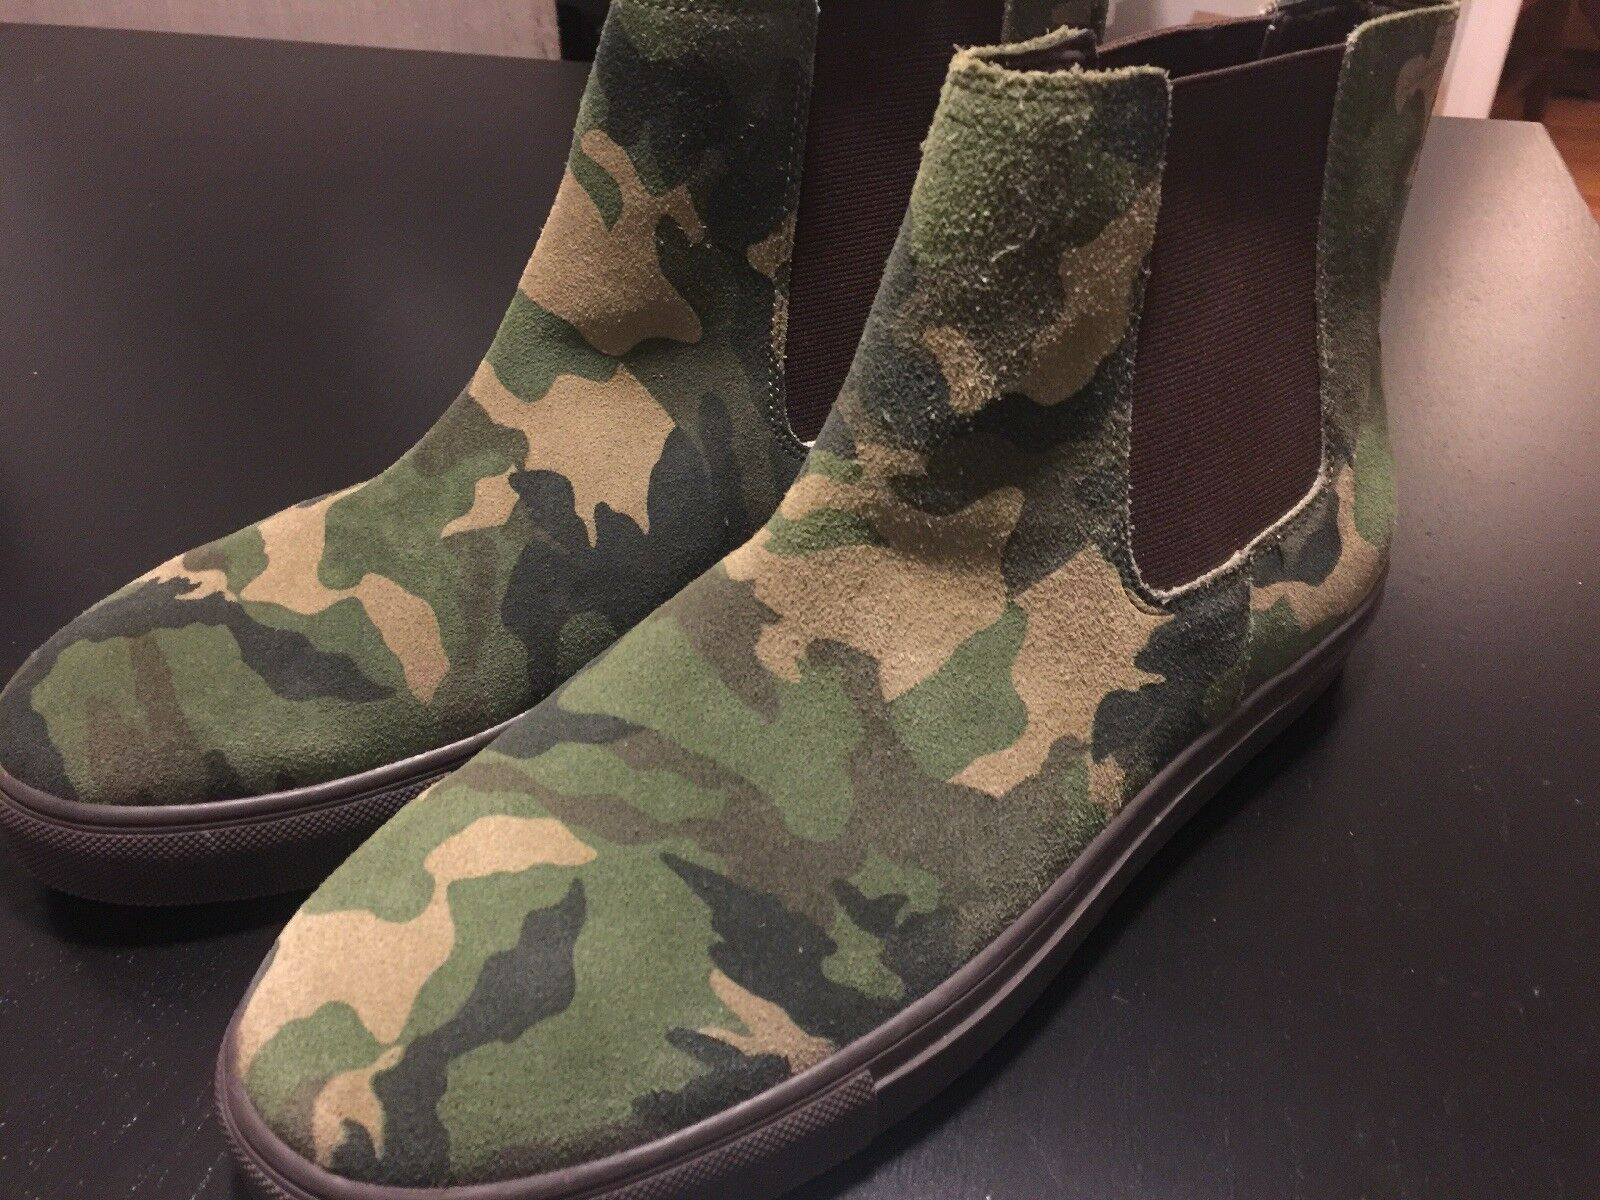 migliore vendita Steve Madden Uomo CAMO avvio scarpe scarpe scarpe Dalston stivali Dimensione 11 Memory Foam scarpe da ginnastica  forniamo il meglio